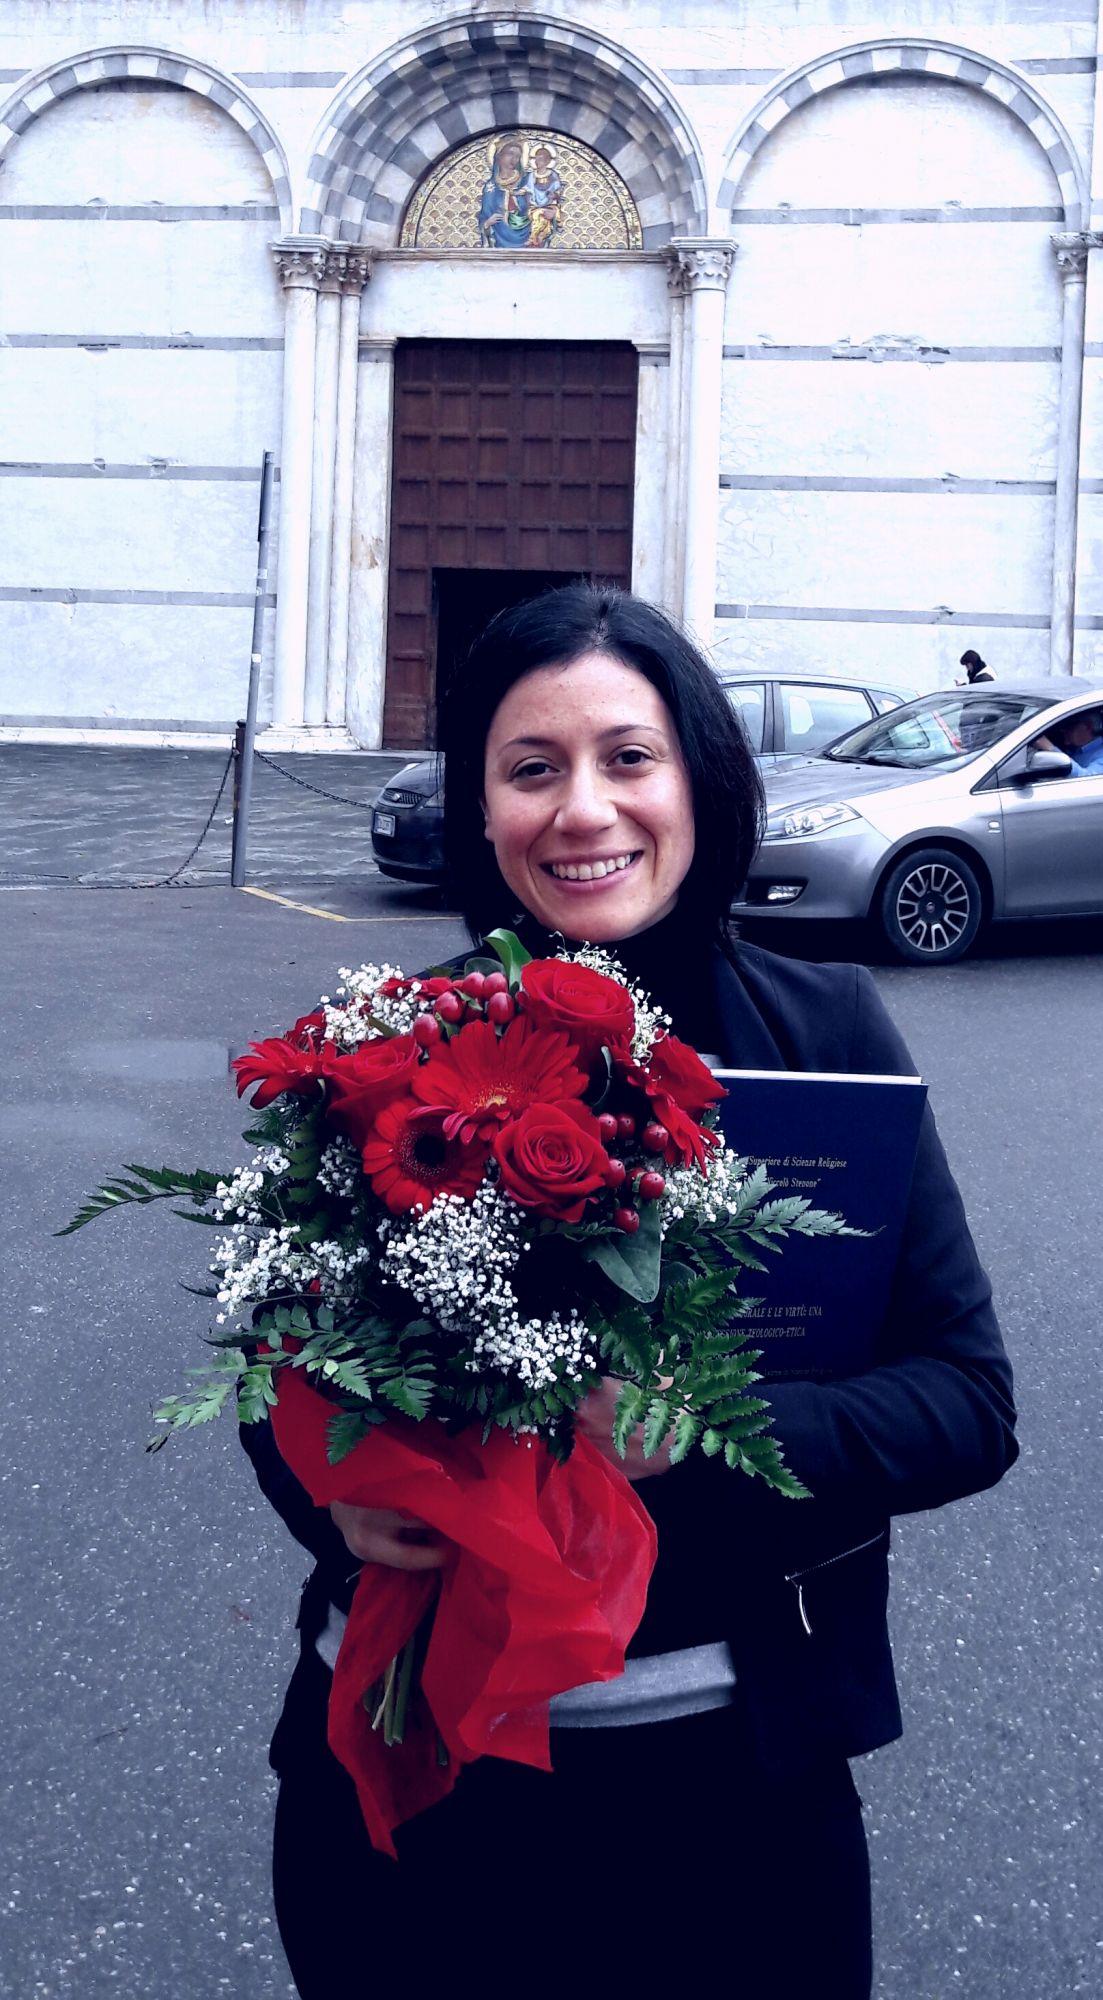 Congratulazioni alla neolaureata Maria Elena Giannecchini